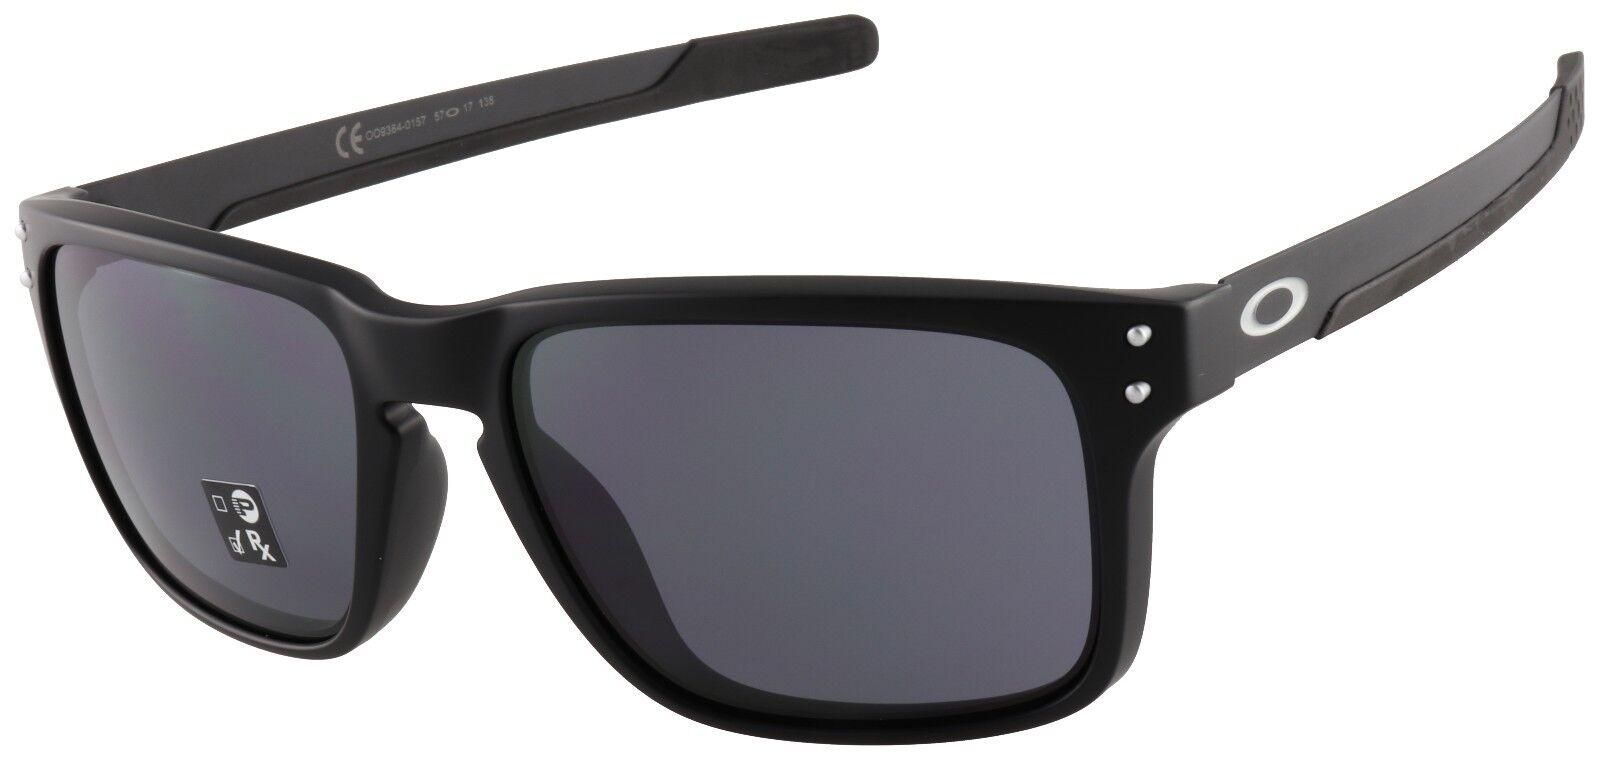 Oakley Holbrook Mix Sunglasses OO9384-0157 Matte Black   Grey Lens   BNIB 87fbefec1b